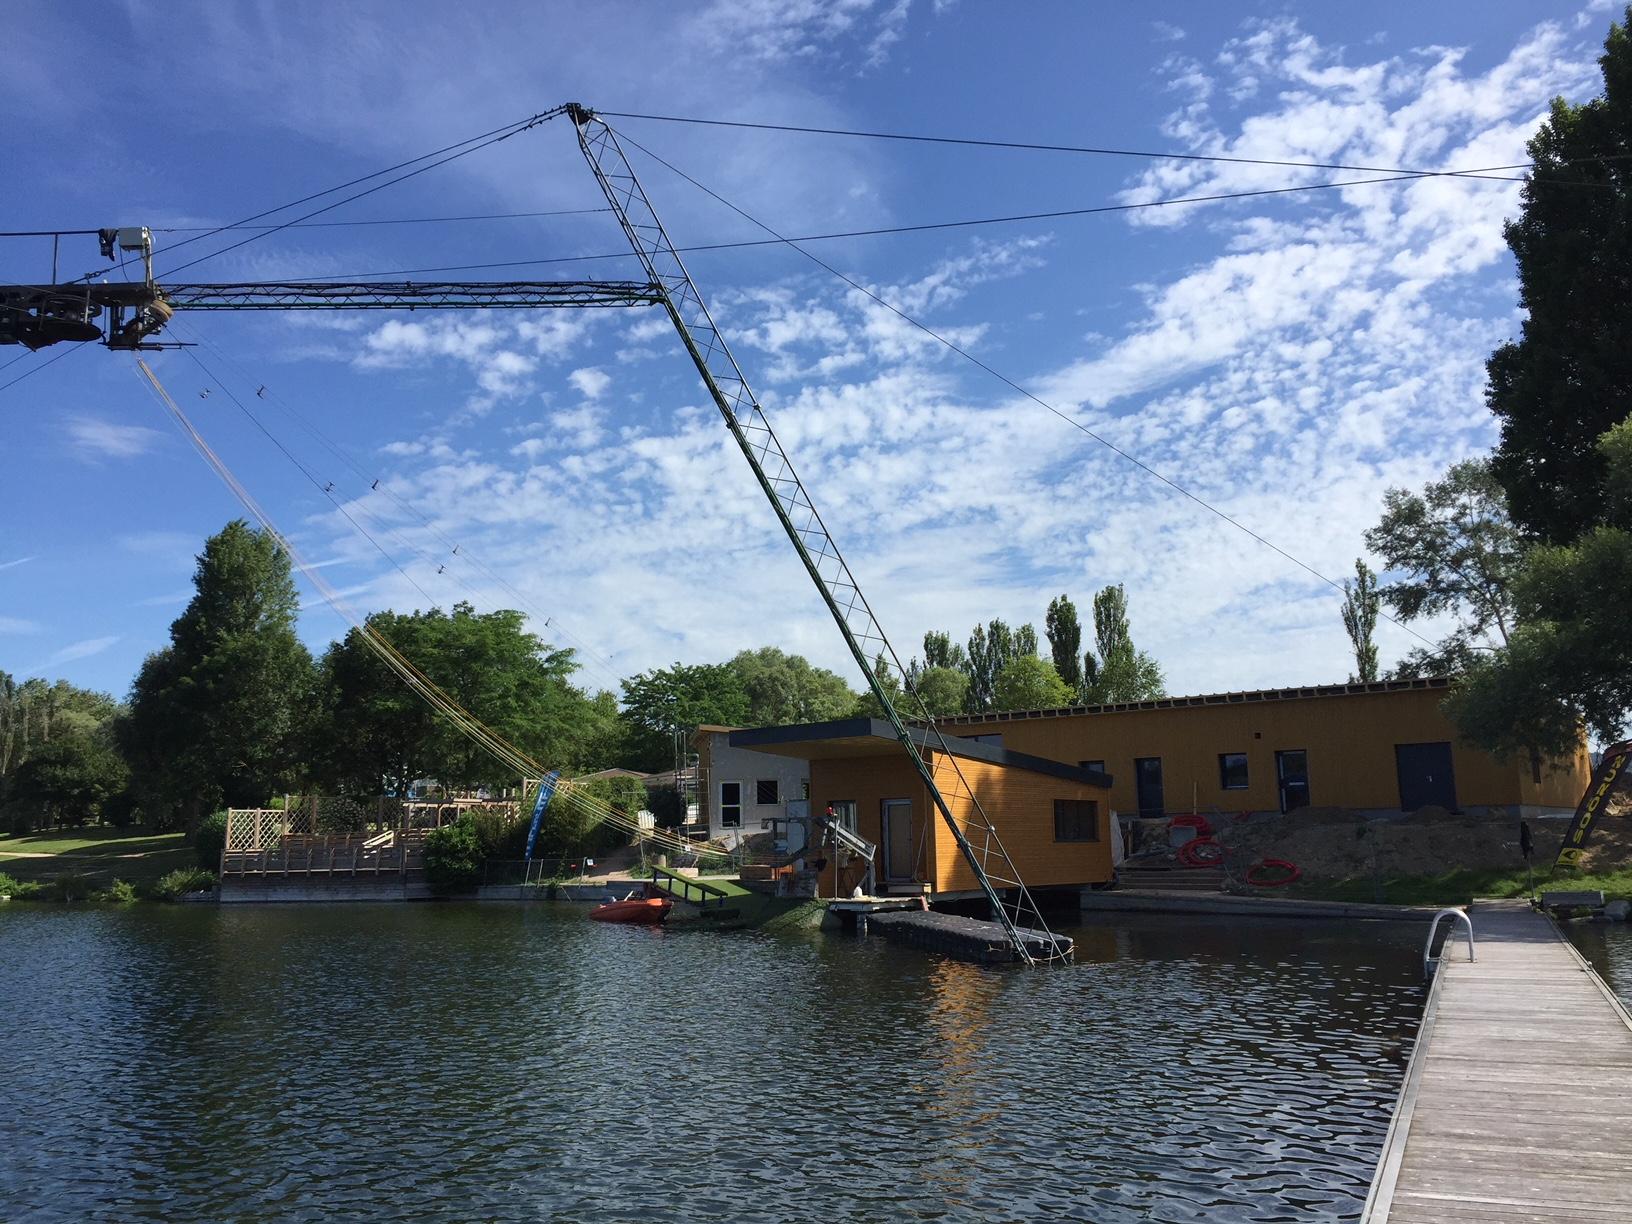 L'entreprise d'électricité générale Sedelec électricité a été missionnée pour effectuer la construction électrique complète du téléski nautic de l'air de Loisrs de Poses (Département de l'Eure)